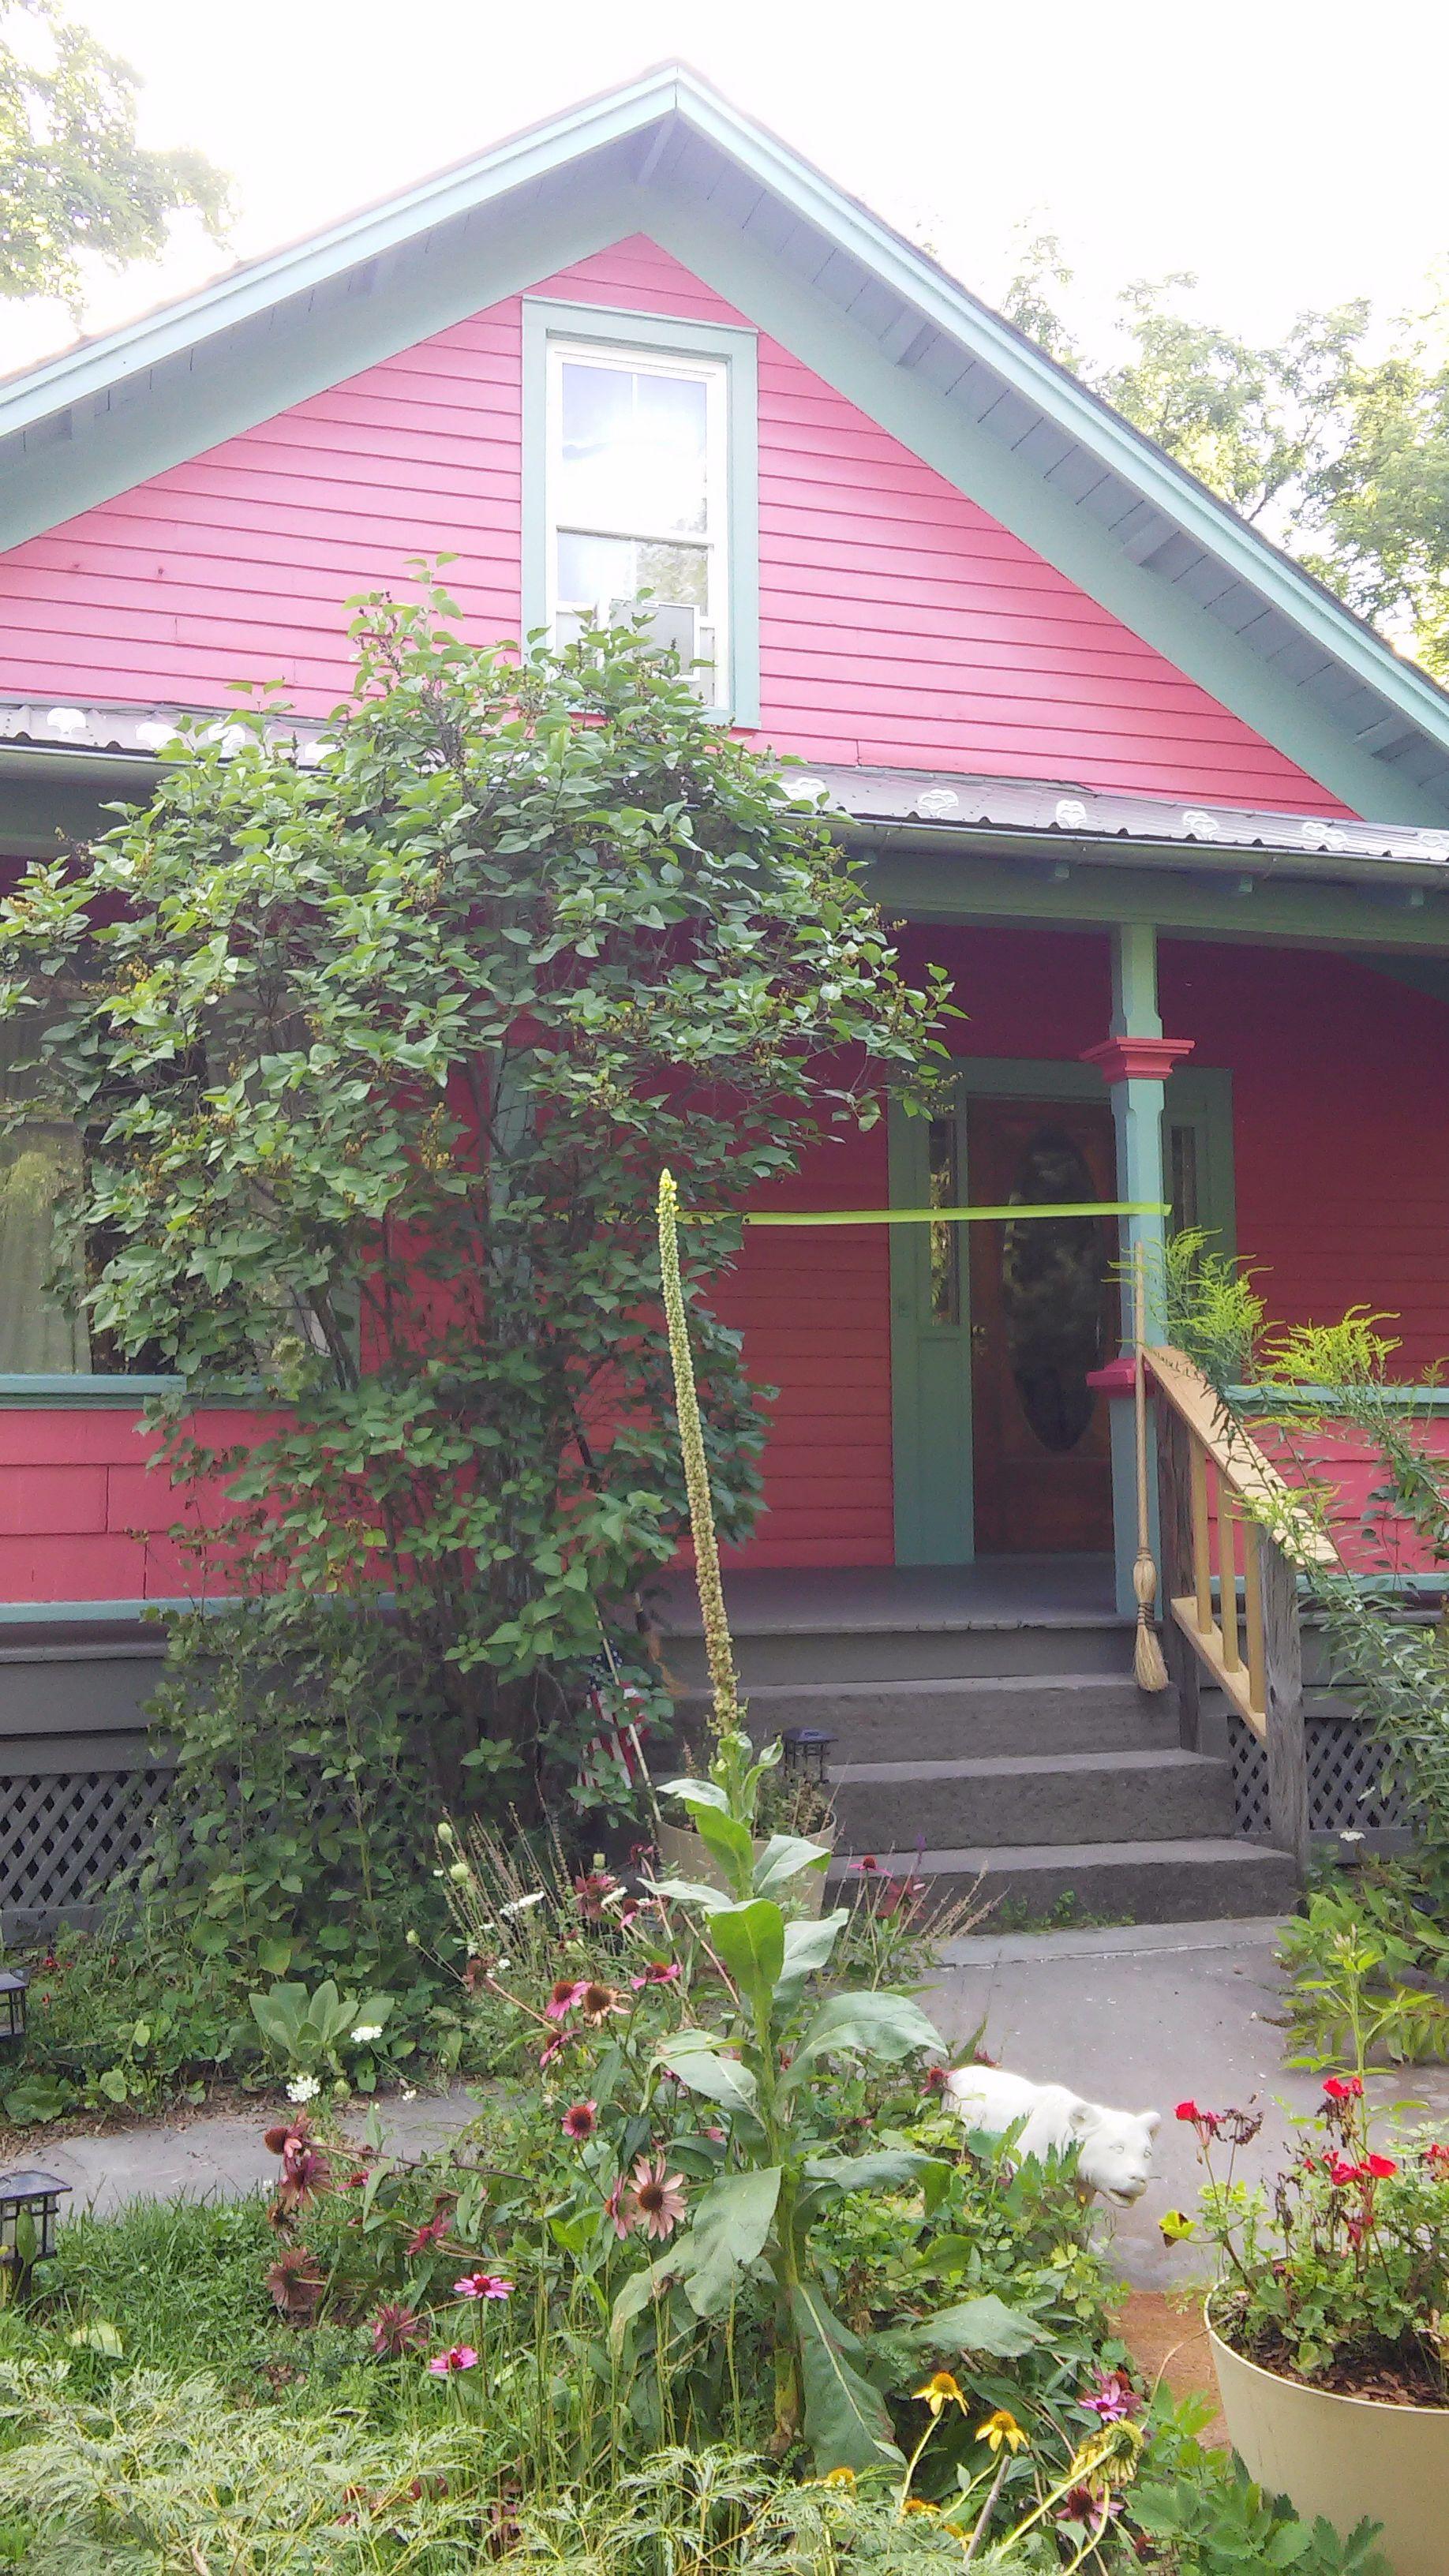 cabins little kingdom blog rental bungalows catskills borscht green belt pinterest pin cabin